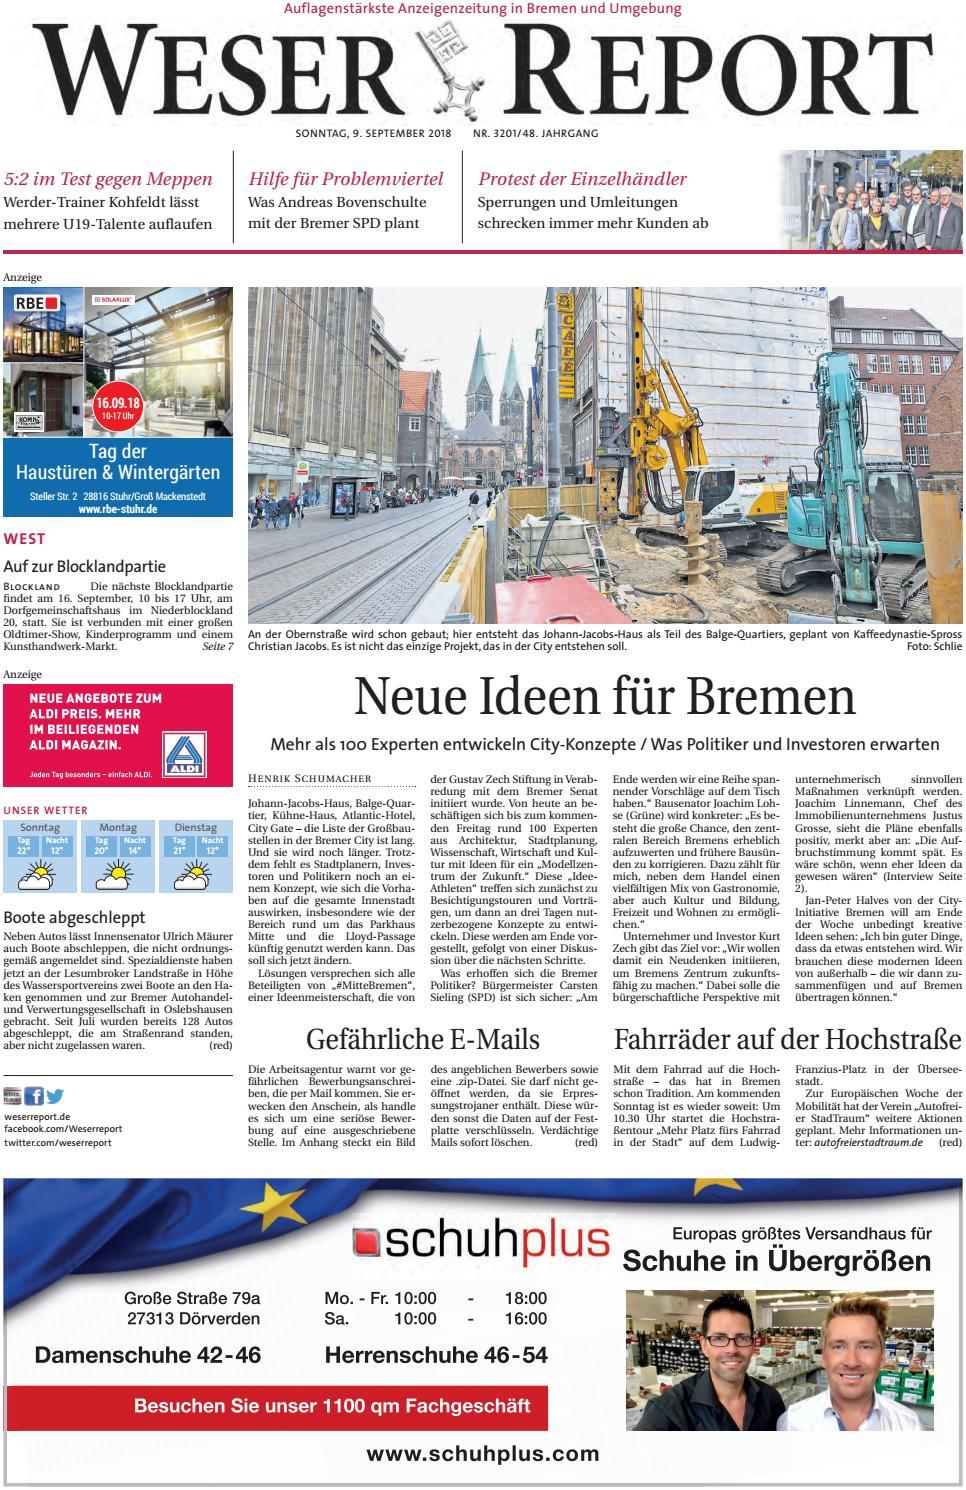 Weser Report - West vom 09.09.2018 by KPS Verlagsgesellschaft mbH - issuu